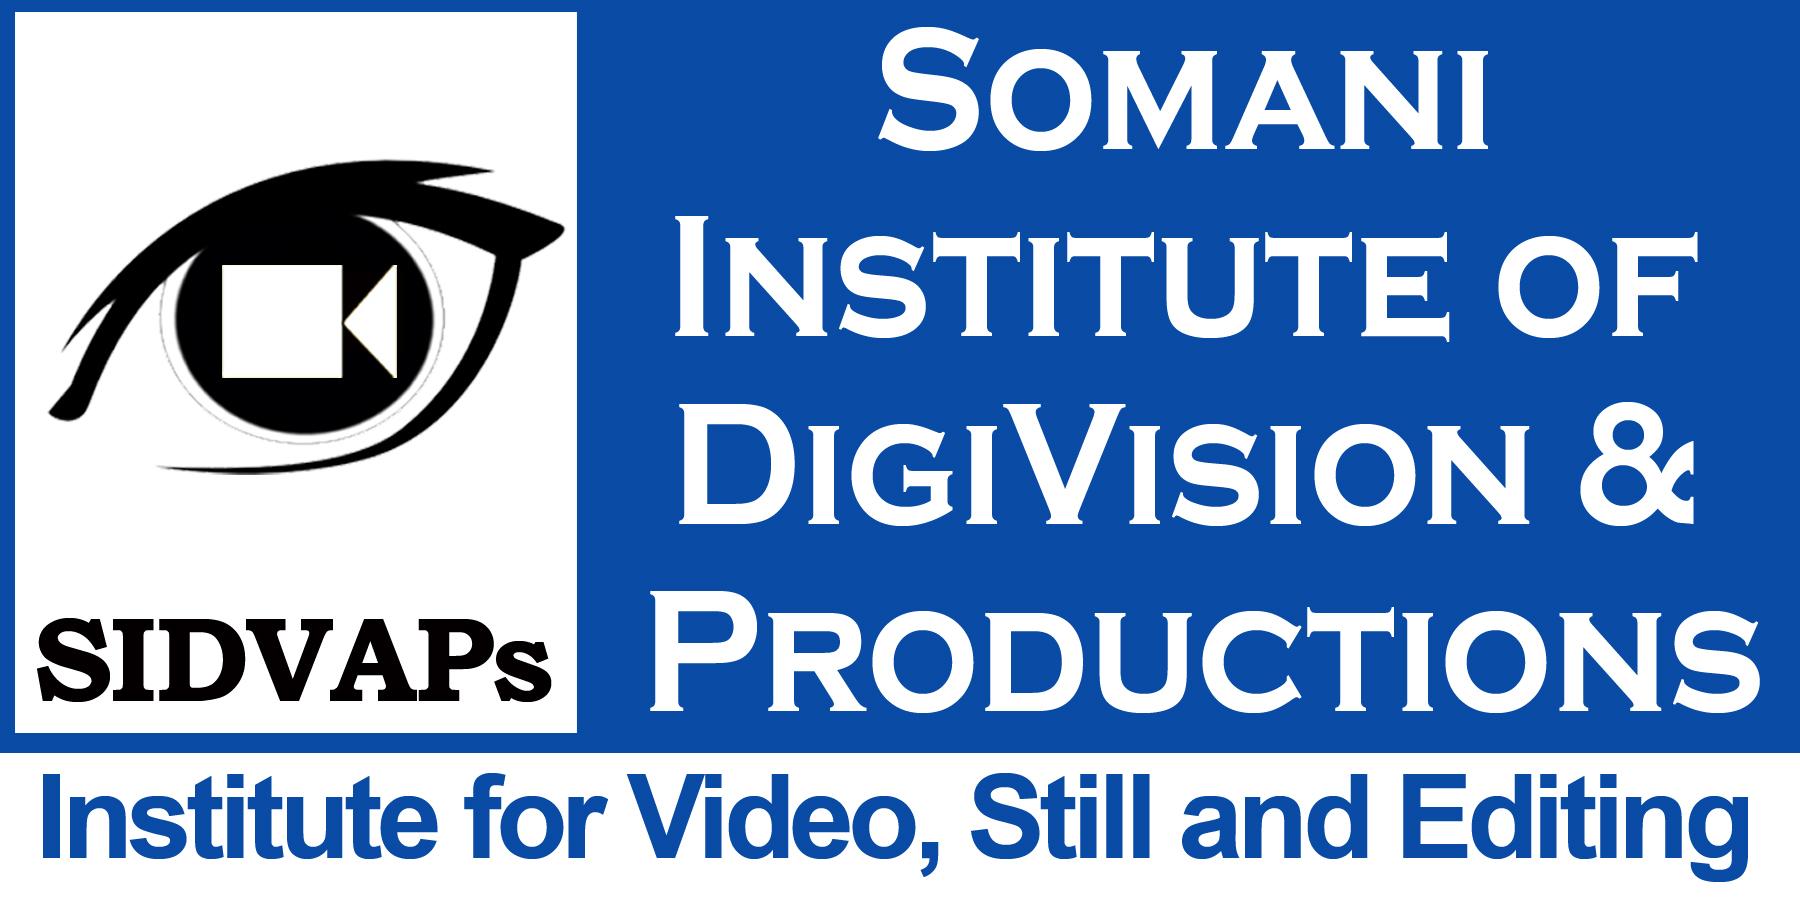 Somani Institute Of Digivision & Production - logo